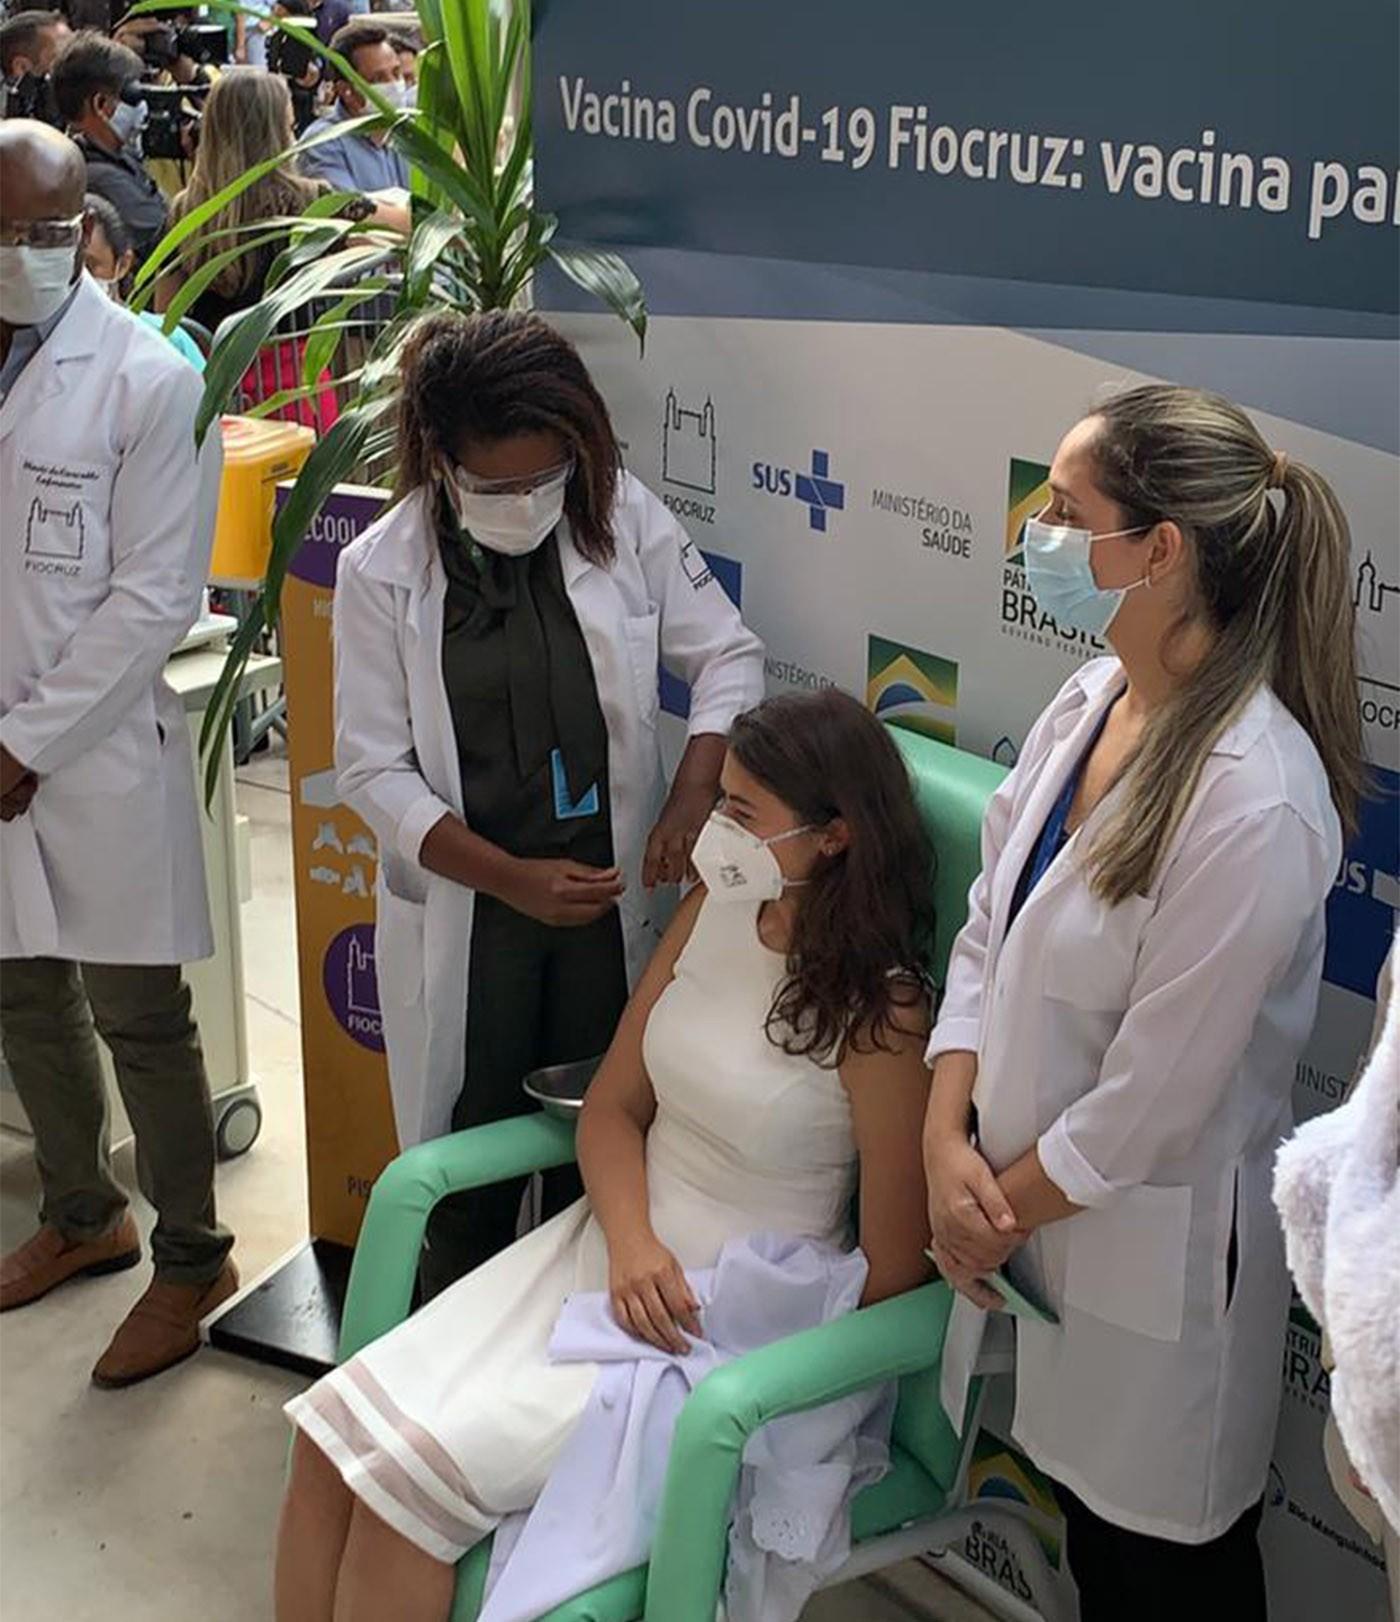 Médica de ascendência indiana que trabalha com pacientes de Covid-19 em Belo Horizonte é uma das primeiras vacinadas no Rio